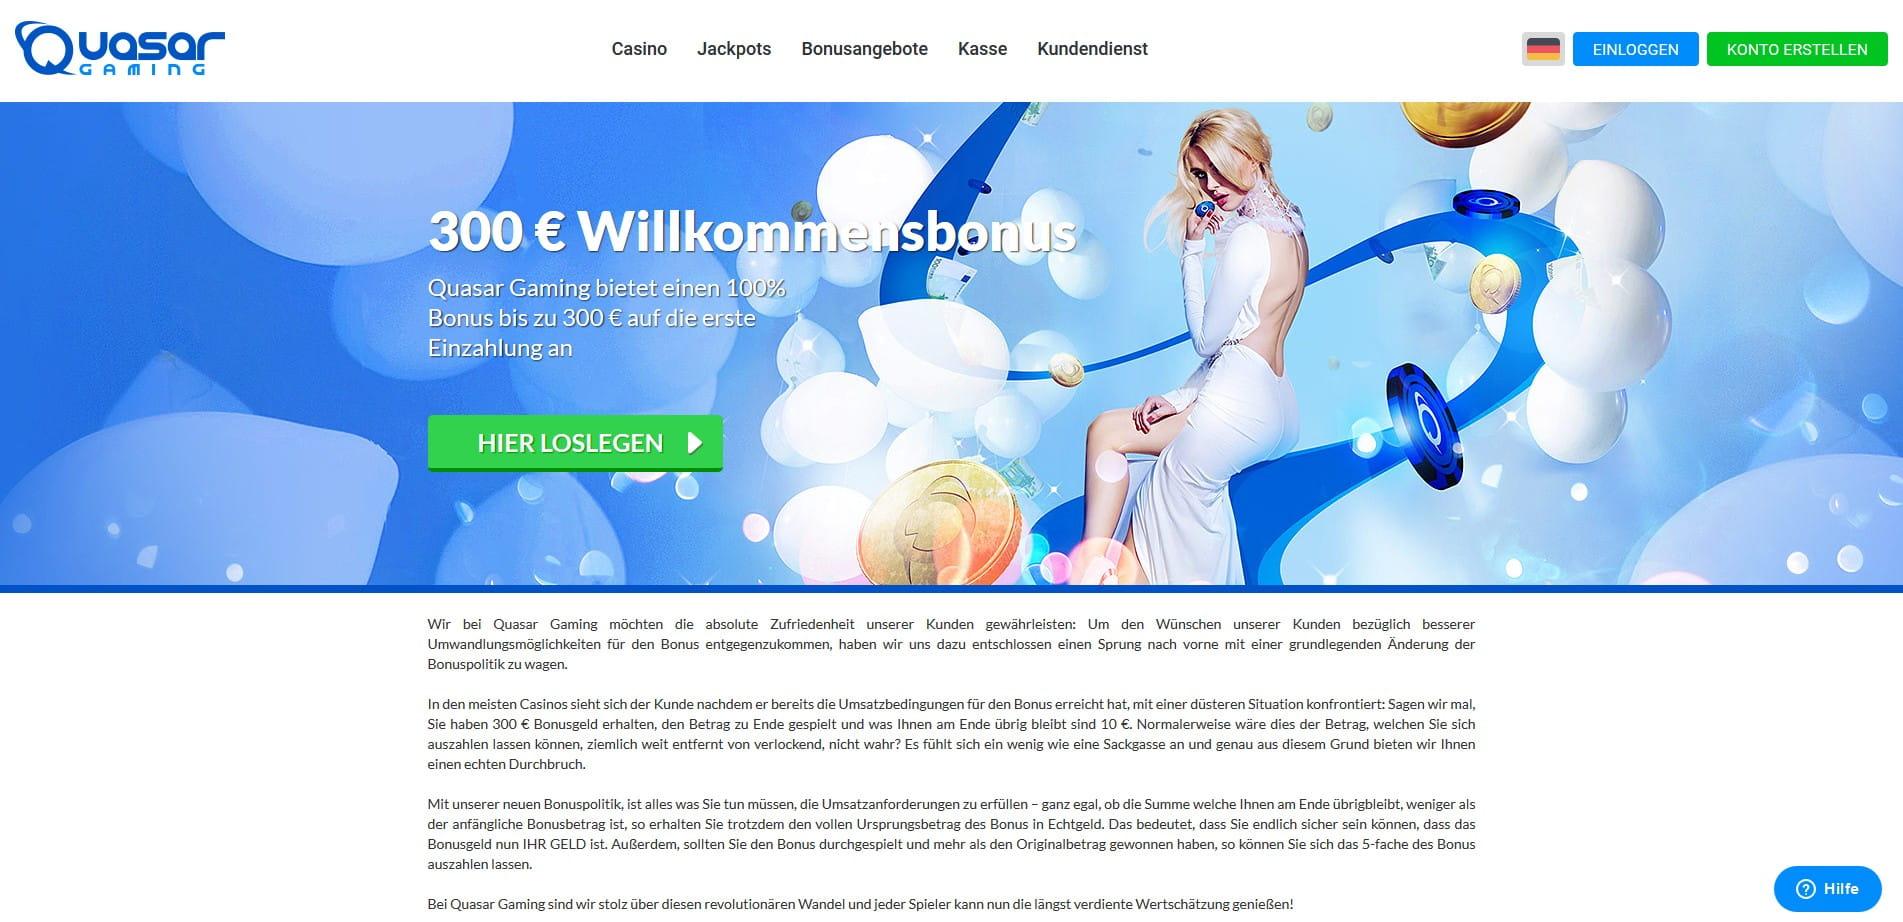 deutsche casino mit paysafecard einzahlen